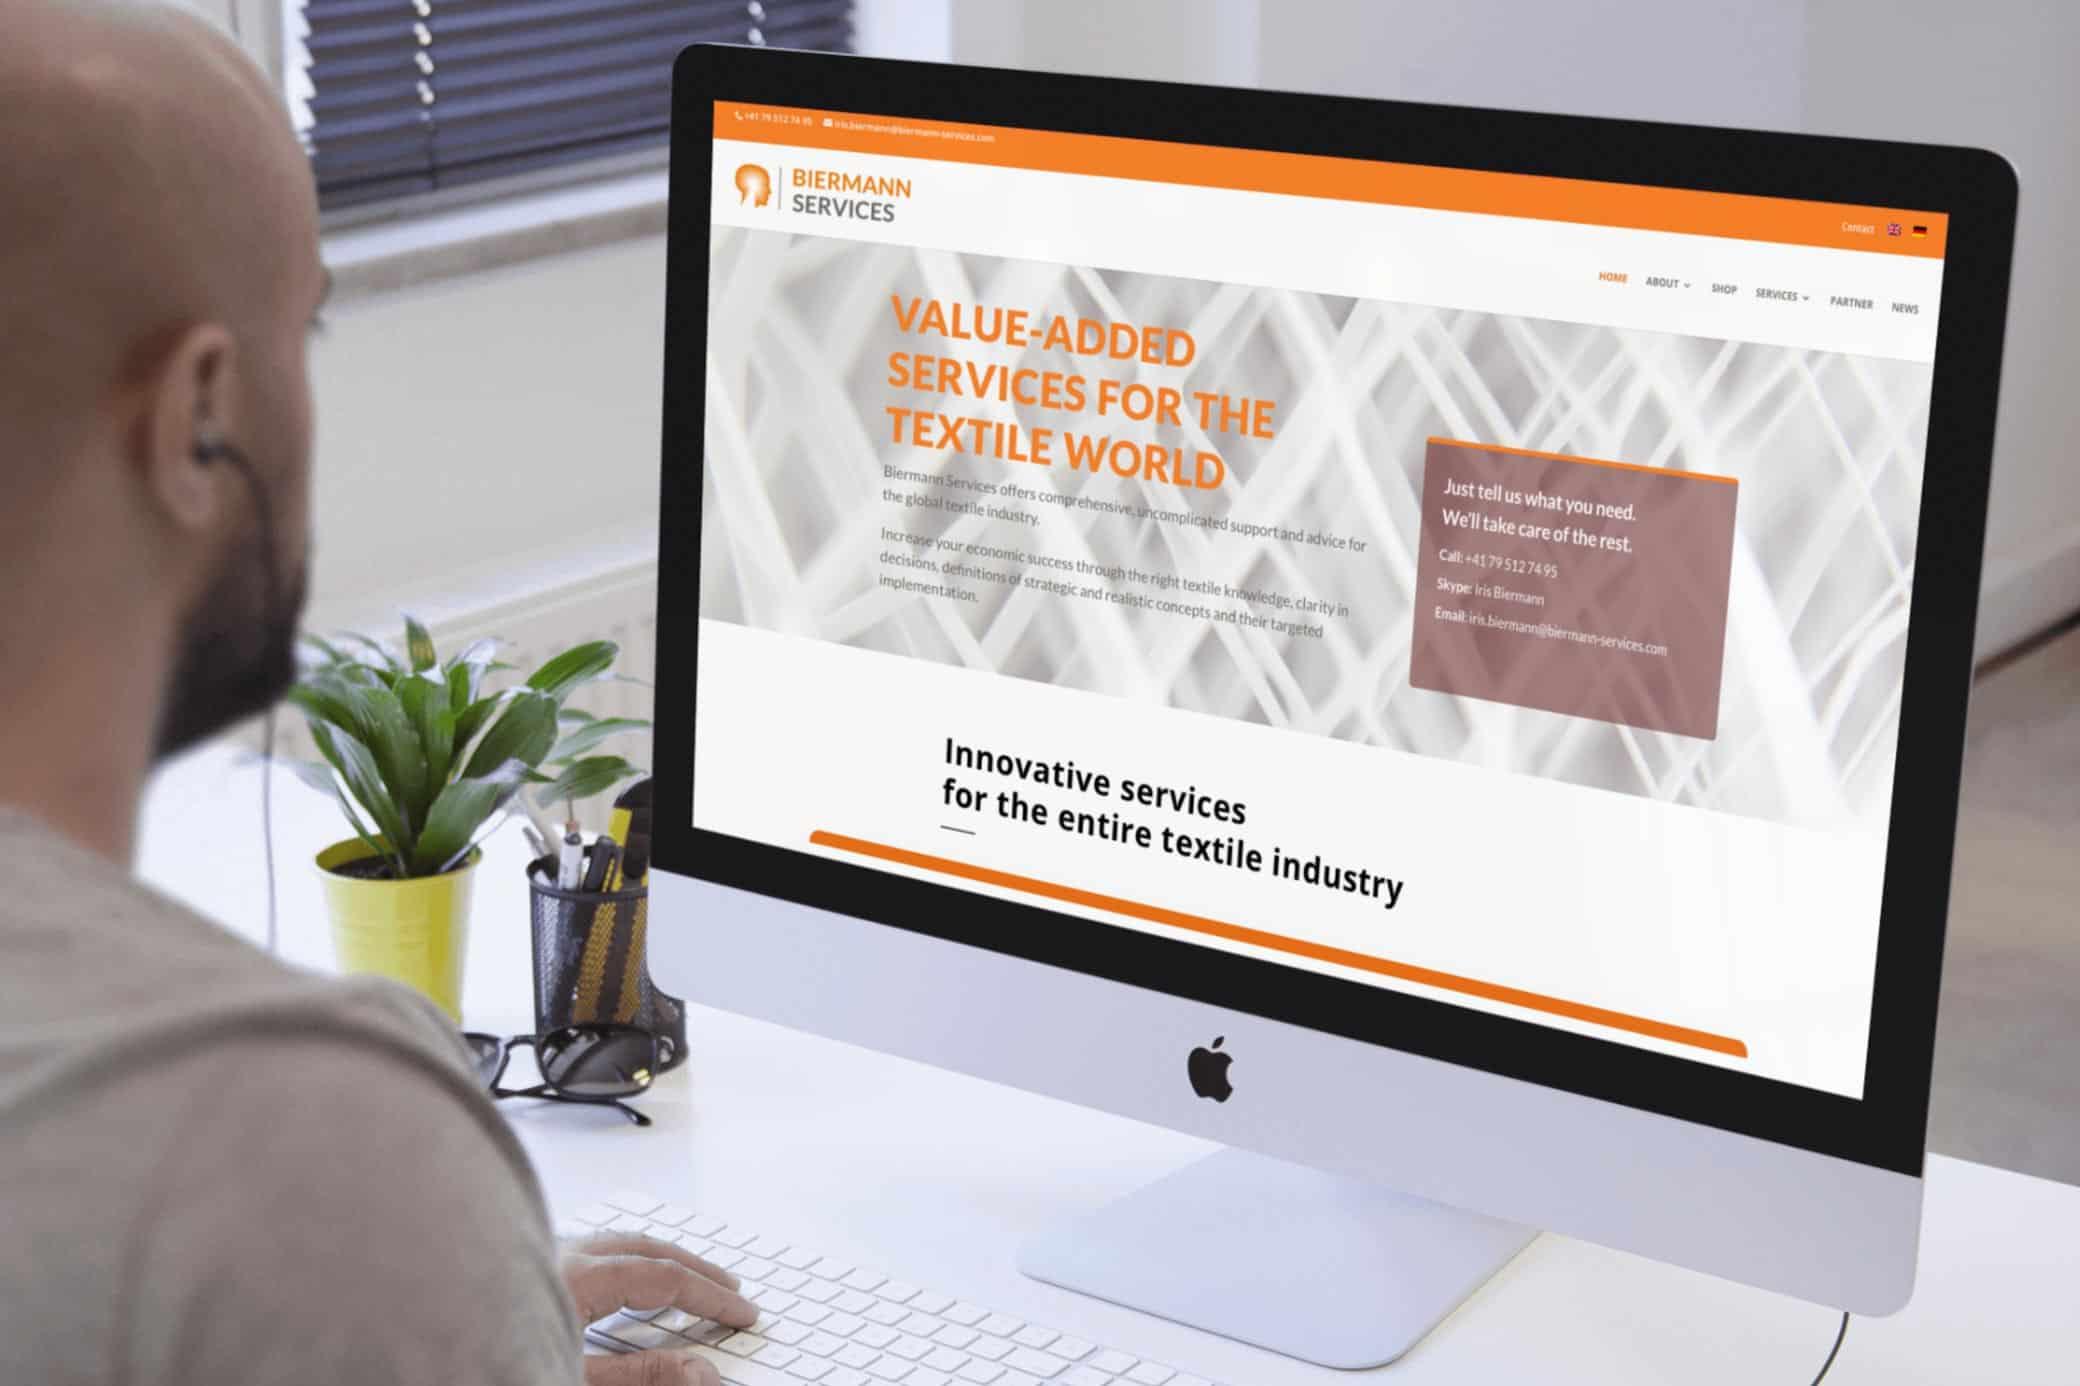 hilledesign Portfolio Biermann Services Homepage